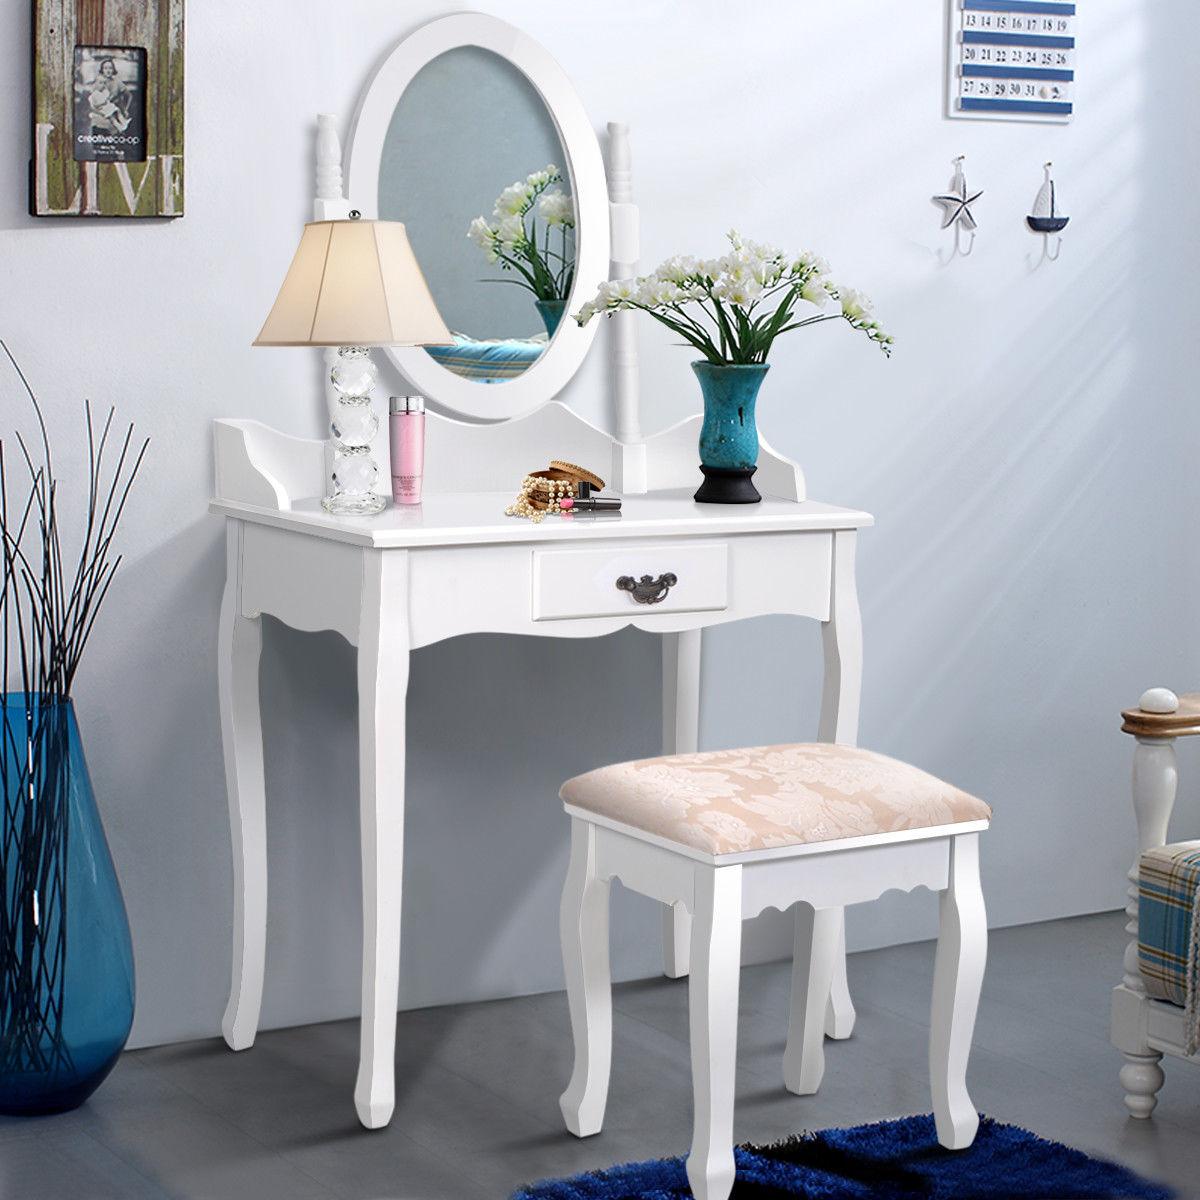 Costway Vanity Wood Makeup Dressing Table Stool Set Jewelry Desk W Drawer Mirror Bathroom White